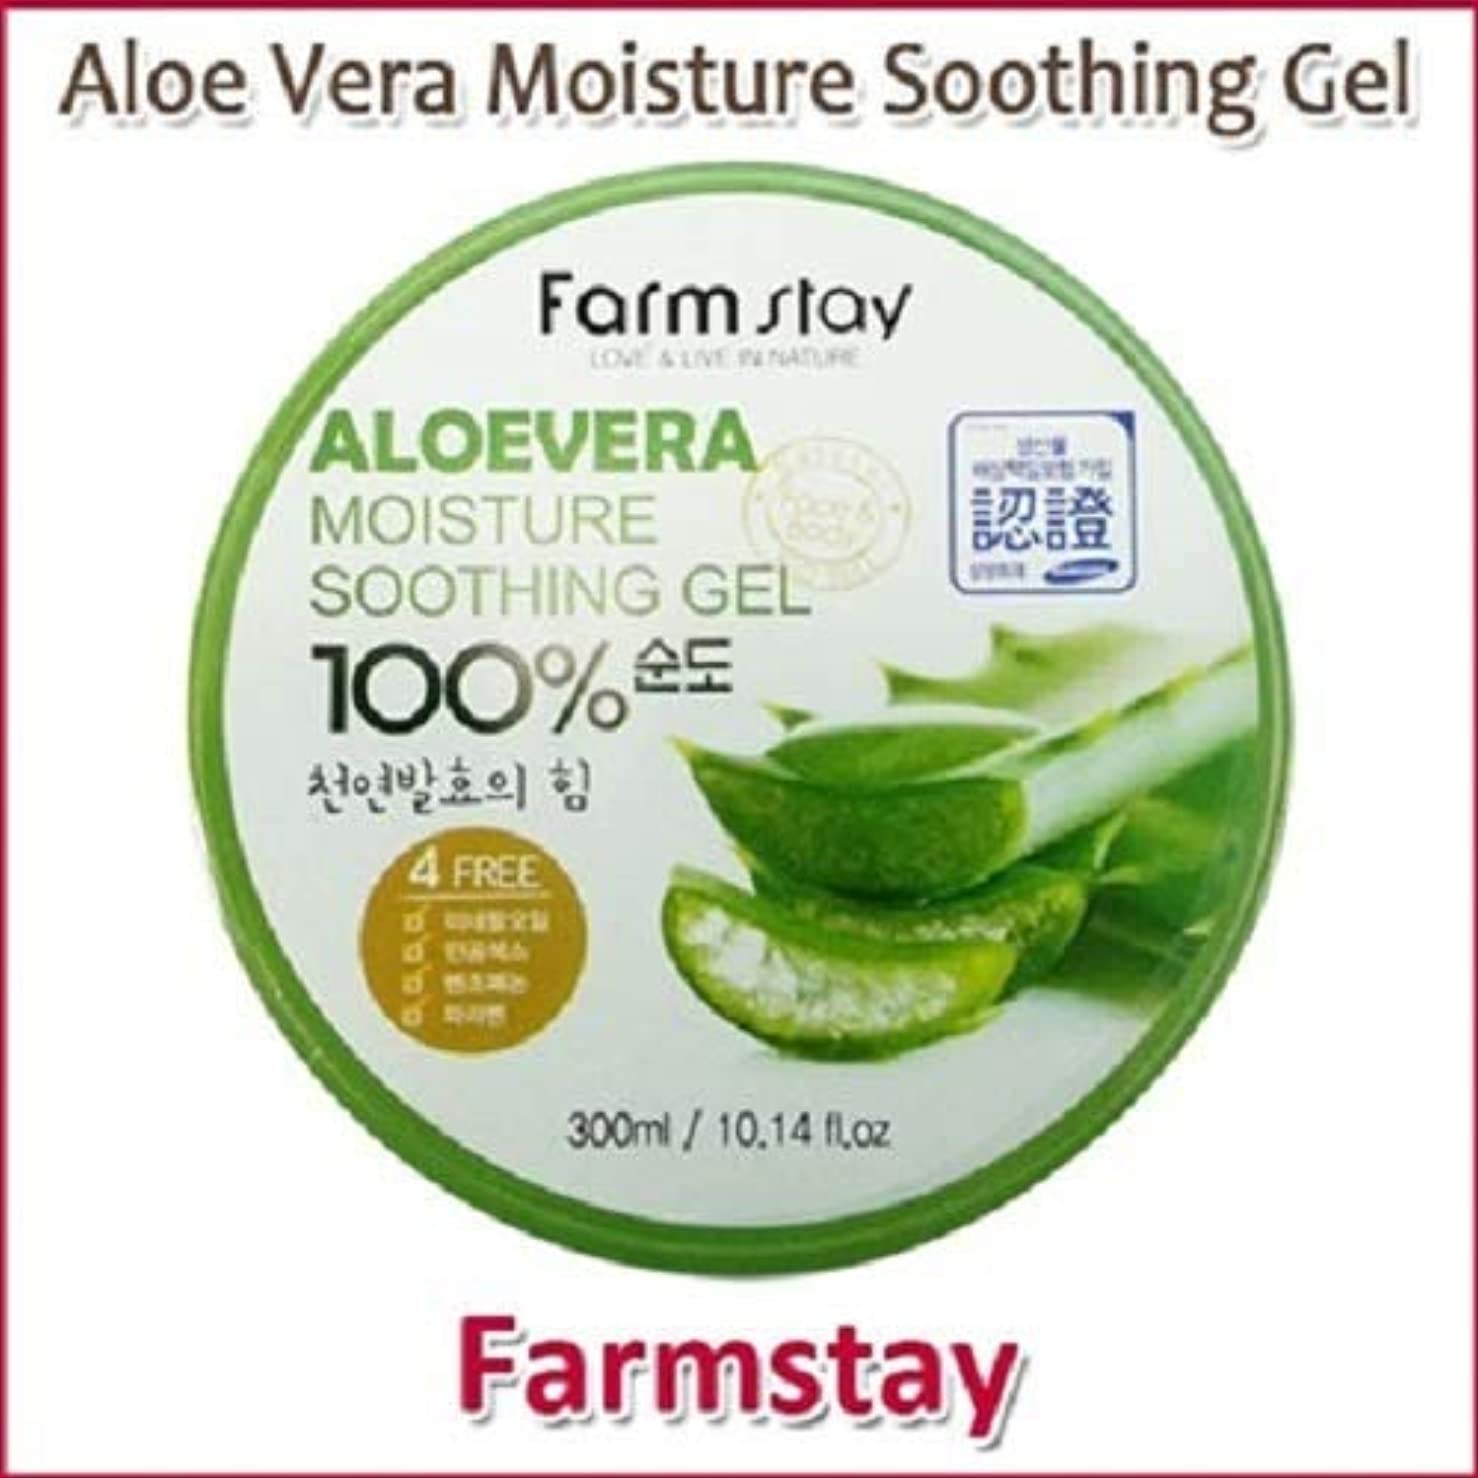 可能性クリスチャンチェスFarm Stay Aloe Vera Moisture Soothing Gel 300ml /オーガニック アロエベラゲル 100%/保湿ケア/韓国コスメ/Aloe Vera 100% /Moisturizing [...